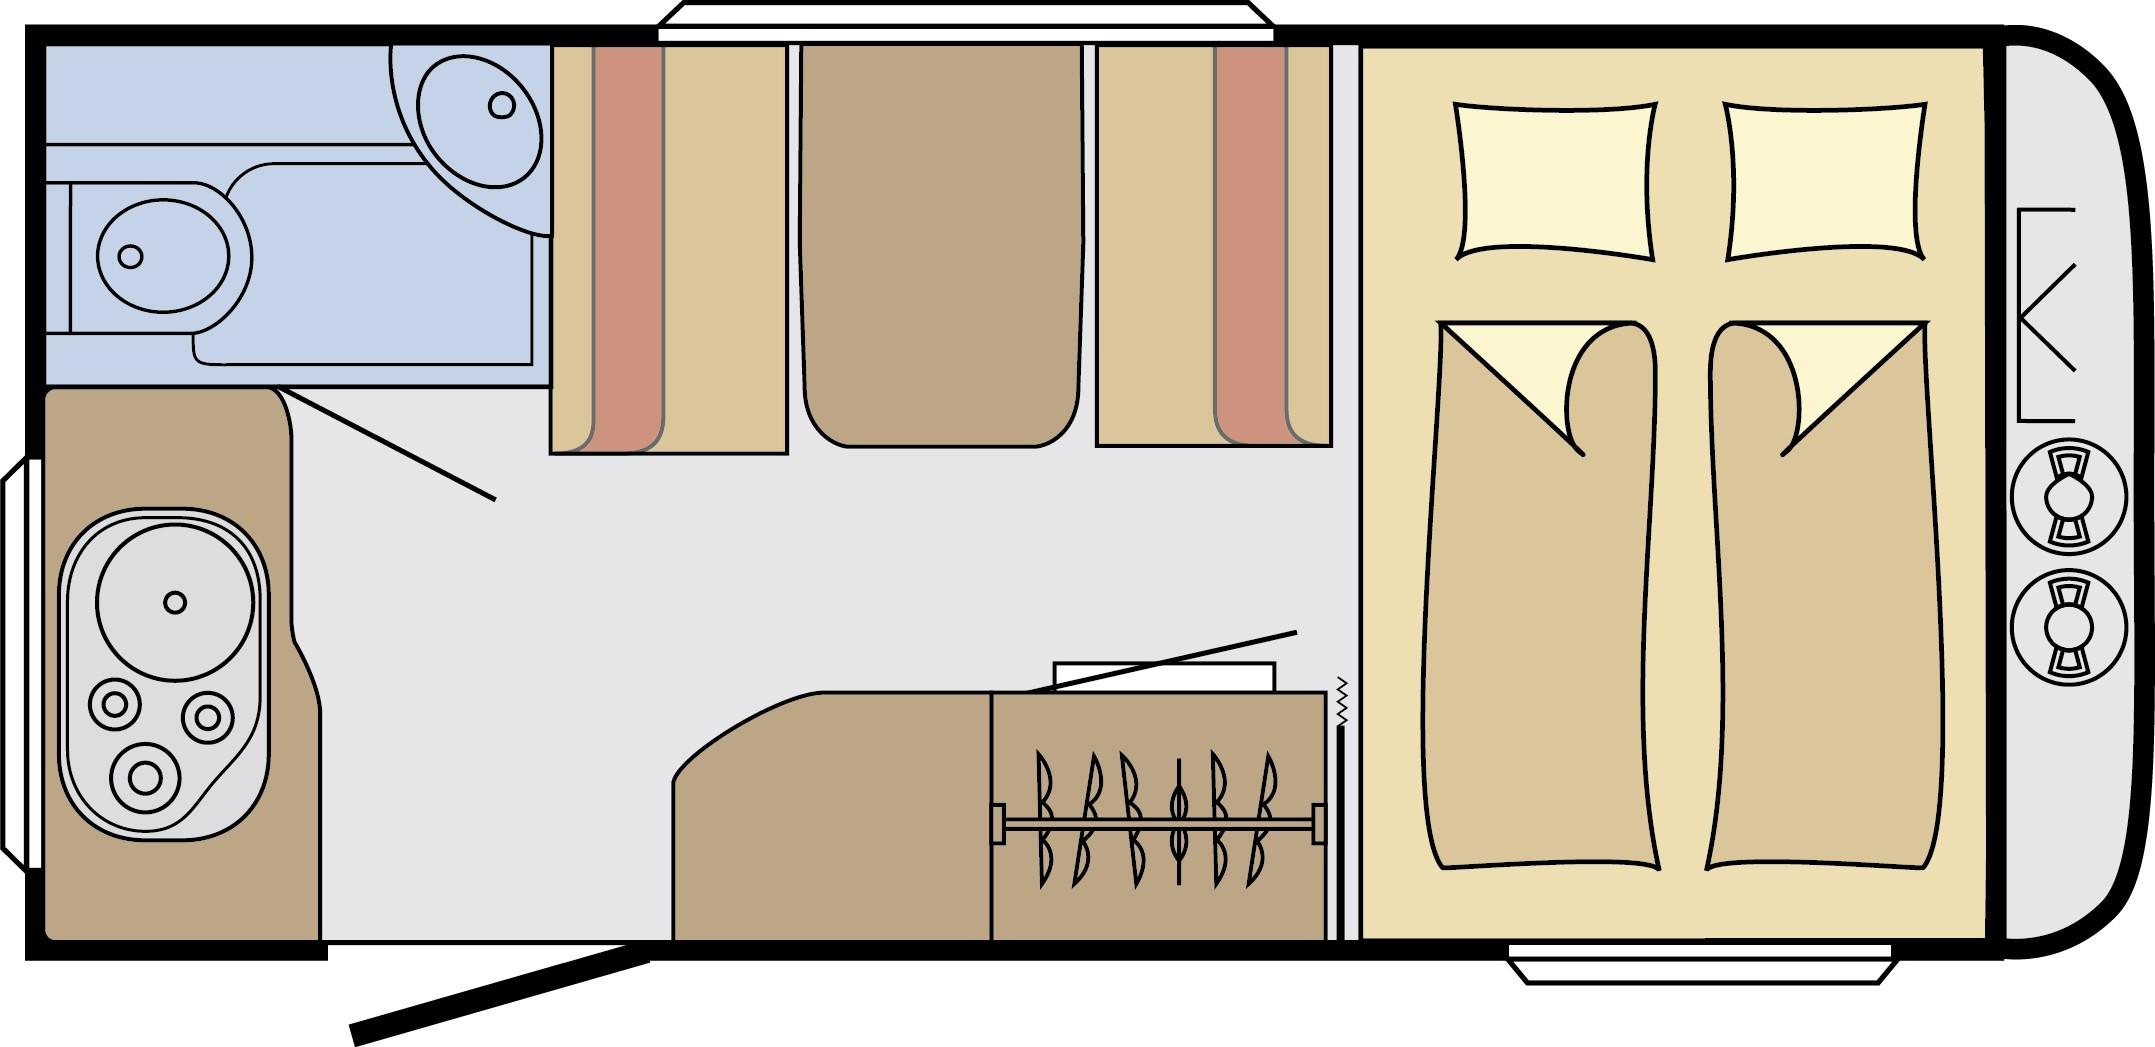 wieviel kostet ein wohnwagen i love camping. Black Bedroom Furniture Sets. Home Design Ideas